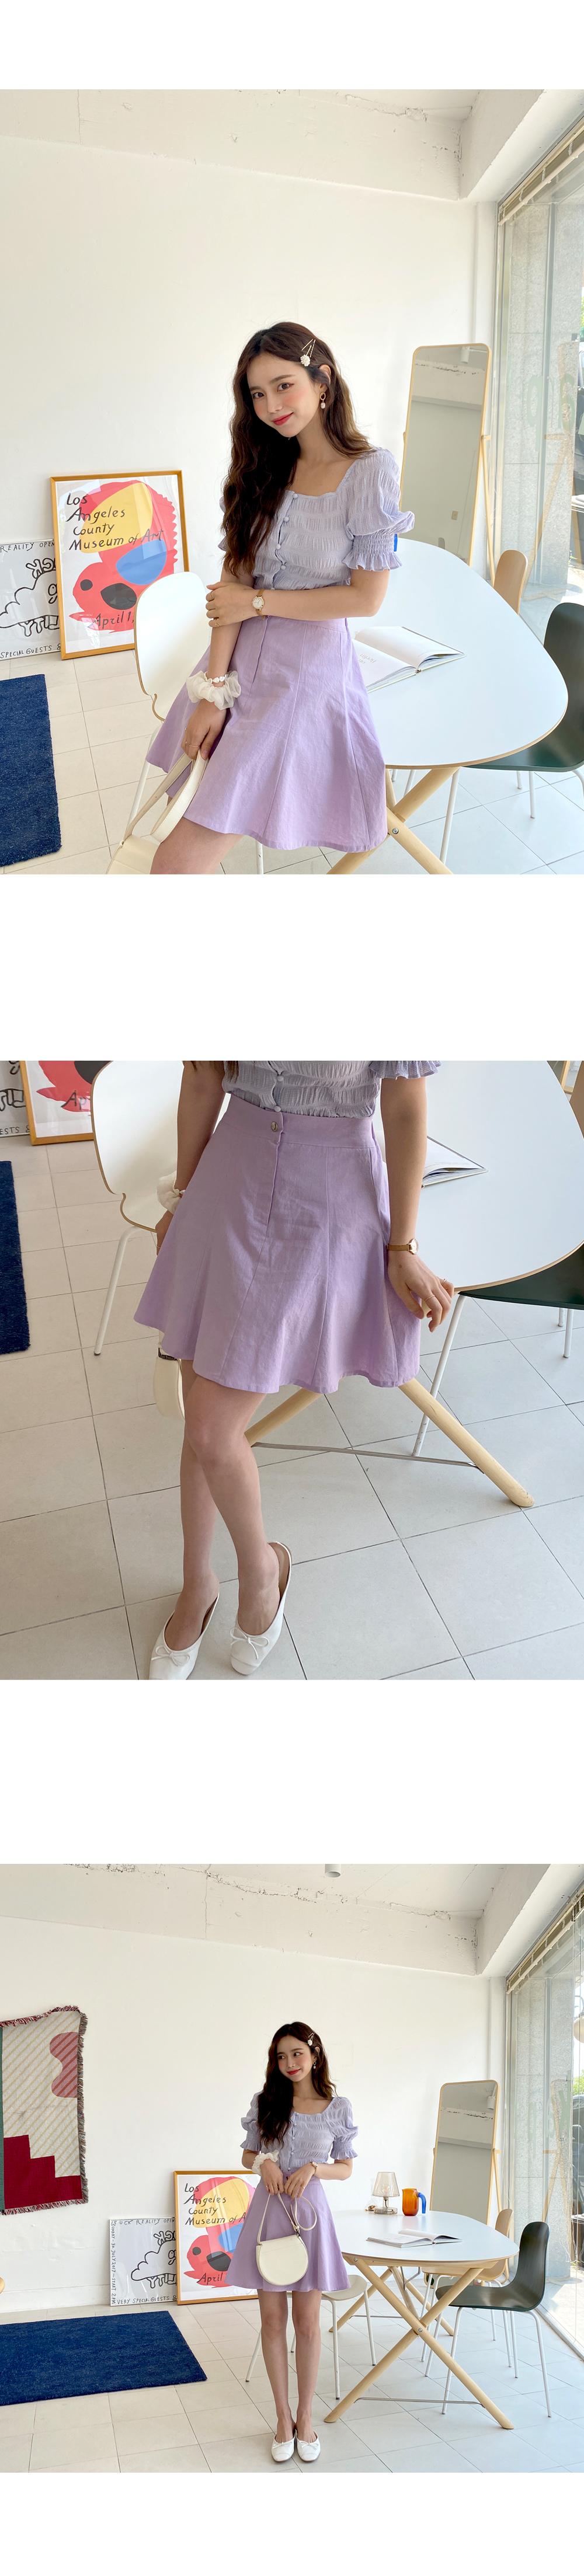 Soft Han Linen Flare Skirt